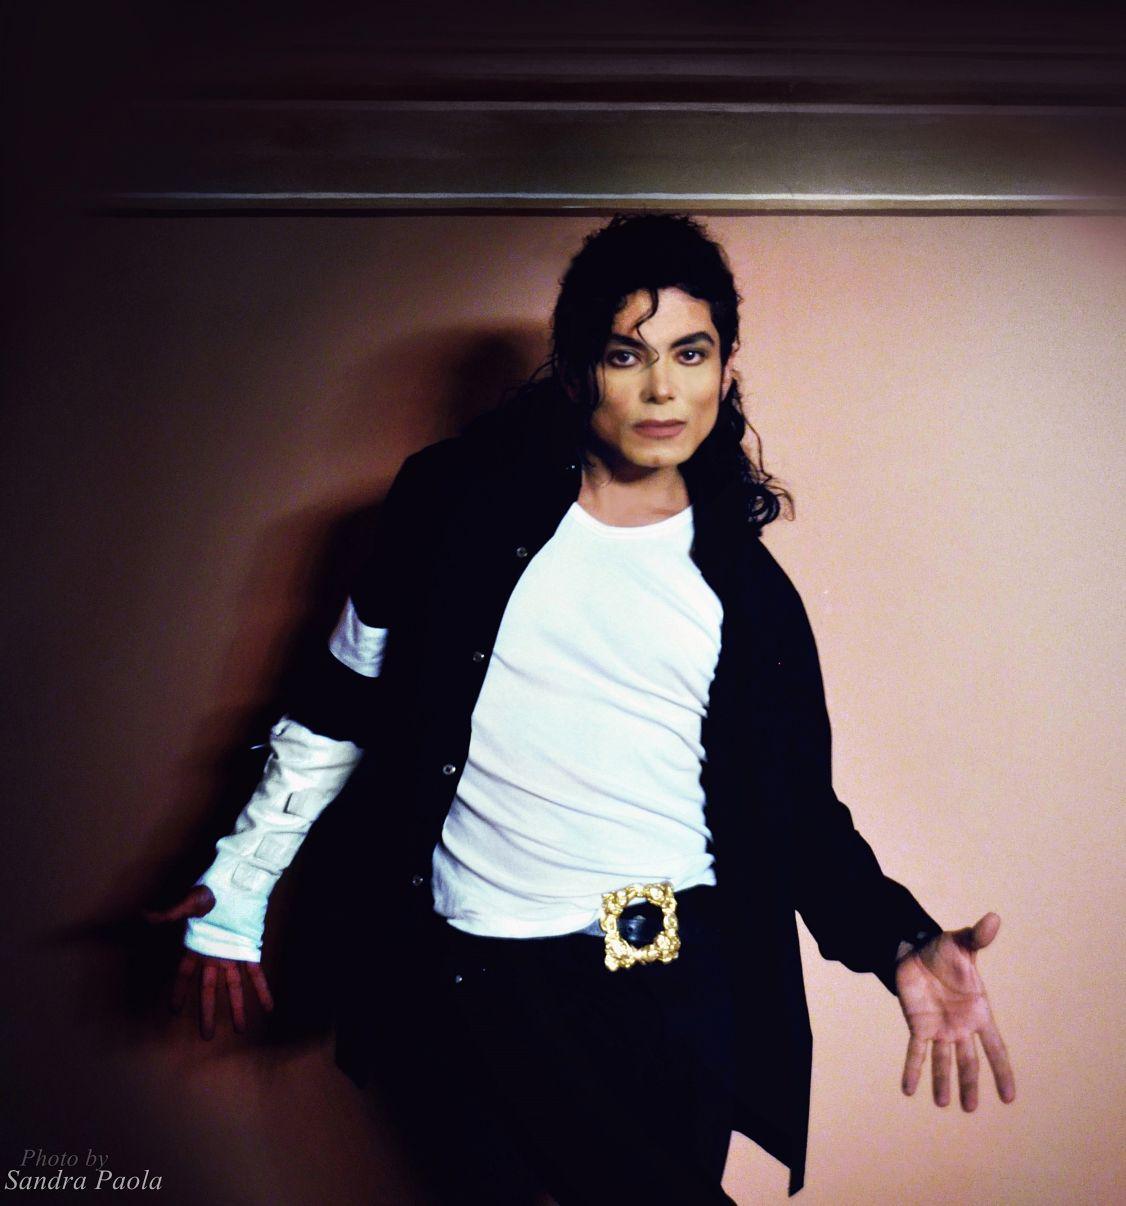 Michael Jackson Live Tribute Show: arriva Sergio Cortés, il più acclamato sosia di MJ il 25 giugno a Milano